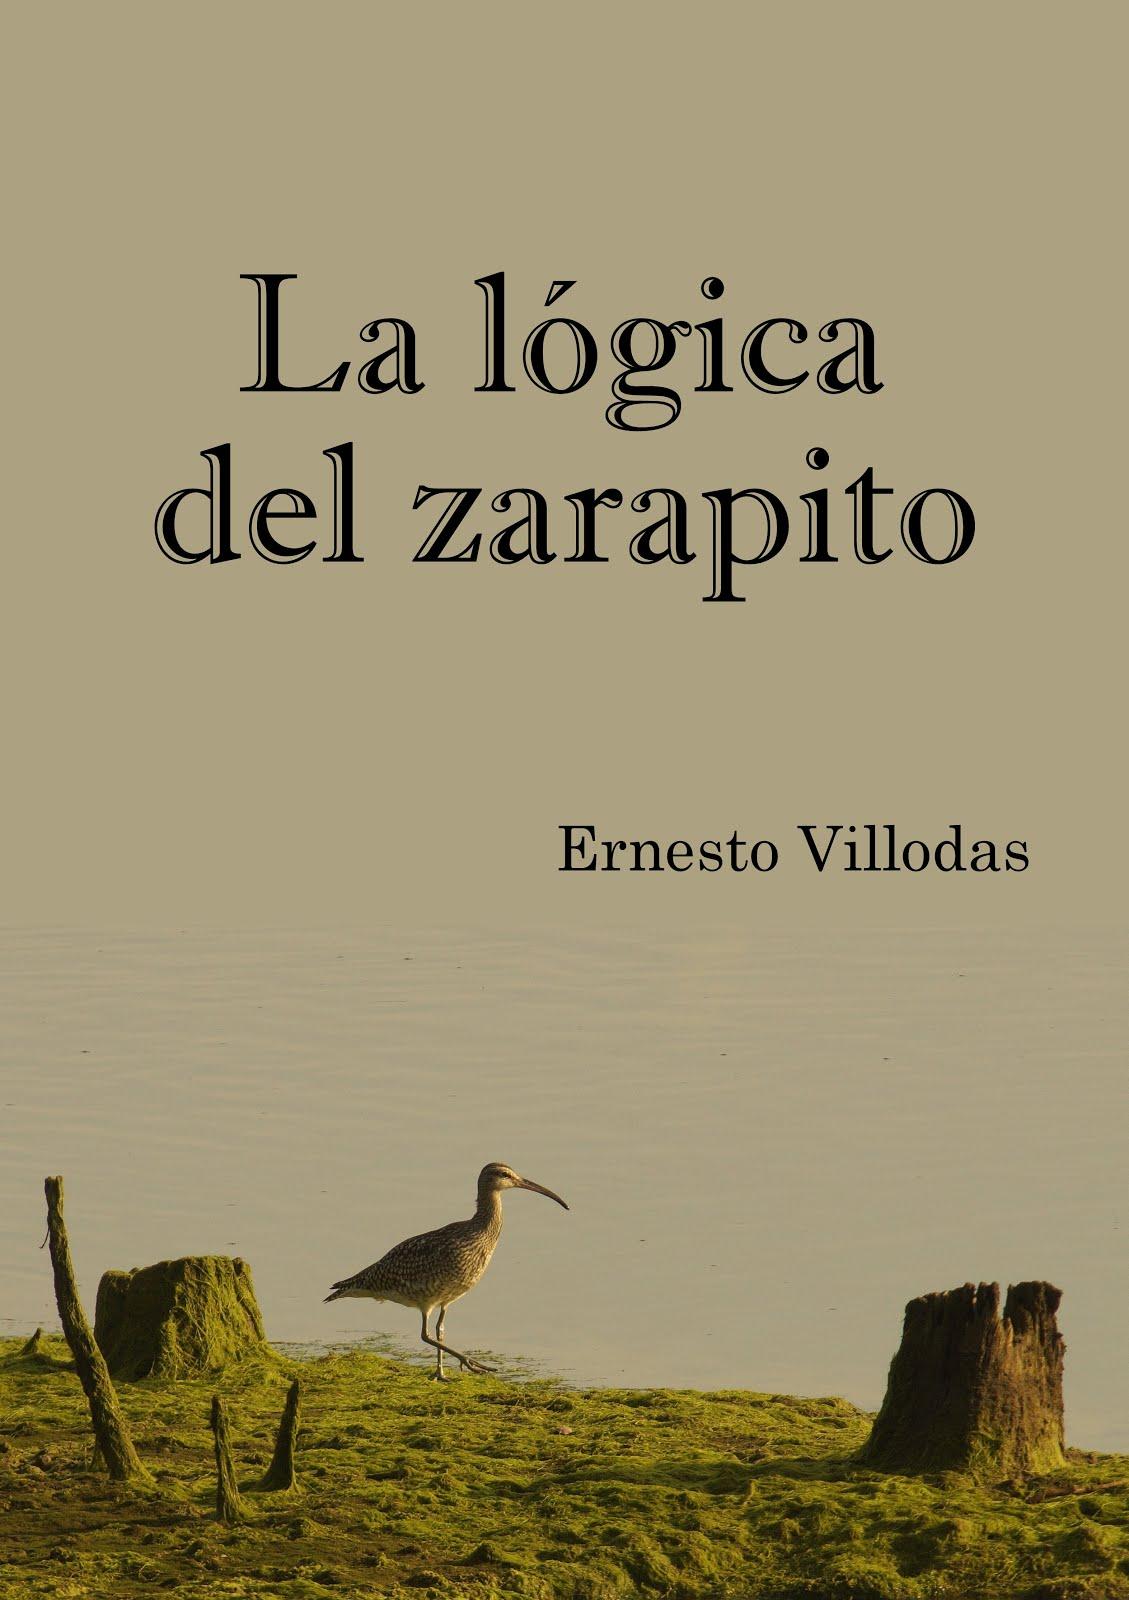 LA LÓGICA DEL ZARAPITO